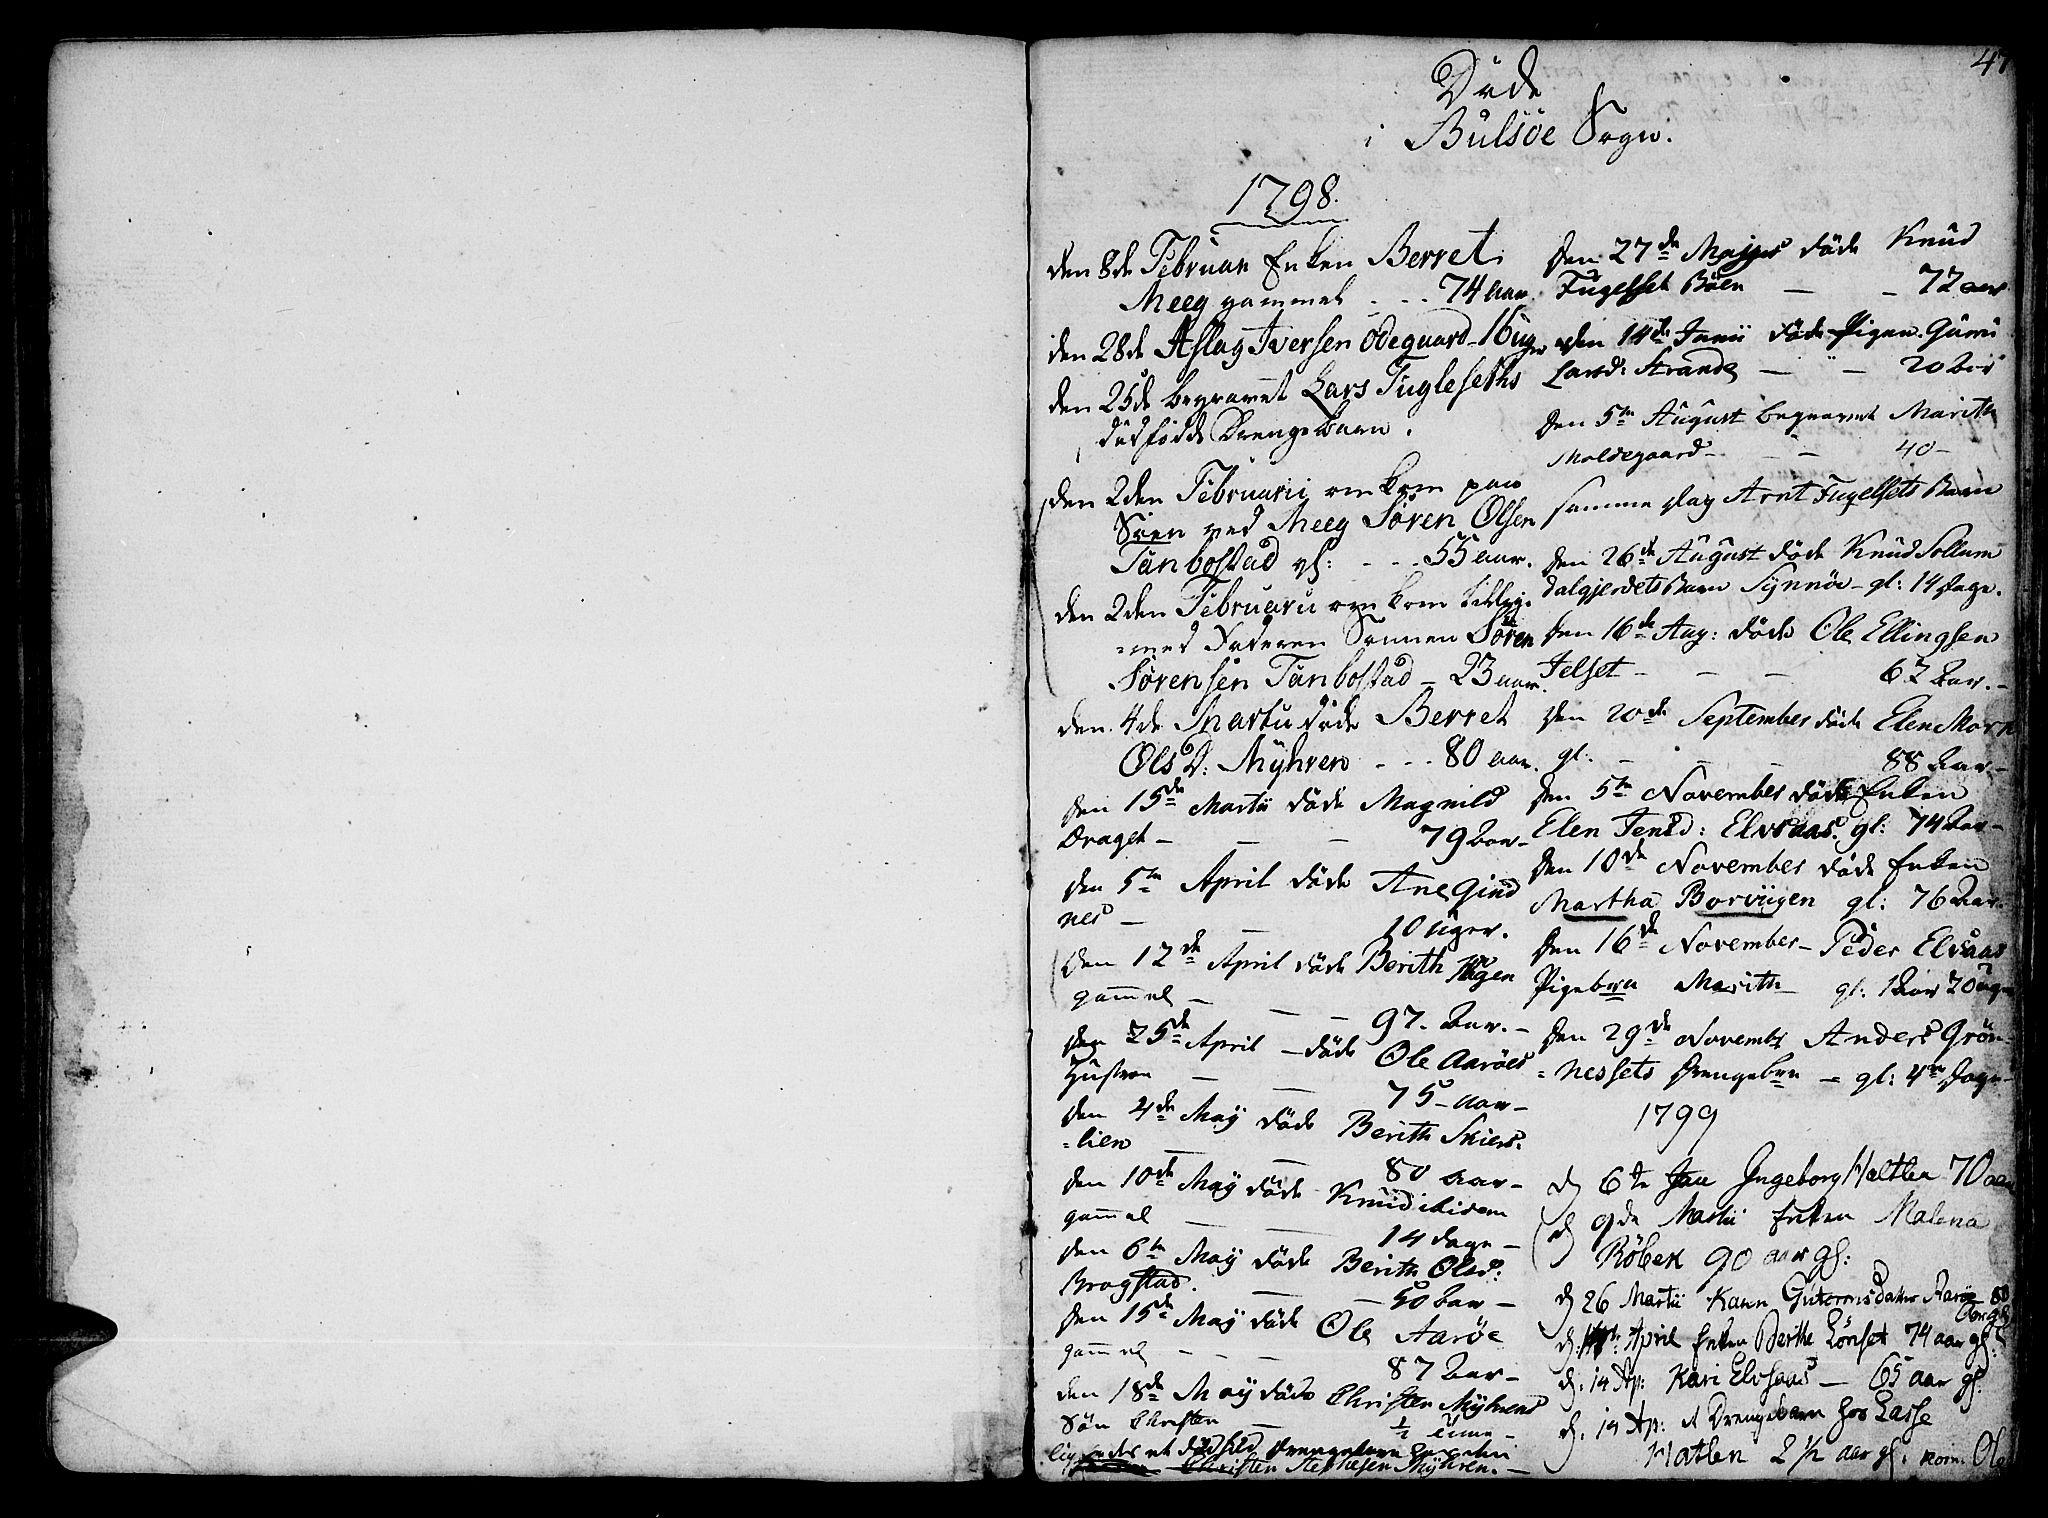 SAT, Ministerialprotokoller, klokkerbøker og fødselsregistre - Møre og Romsdal, 555/L0649: Ministerialbok nr. 555A02 /1, 1795-1821, s. 47